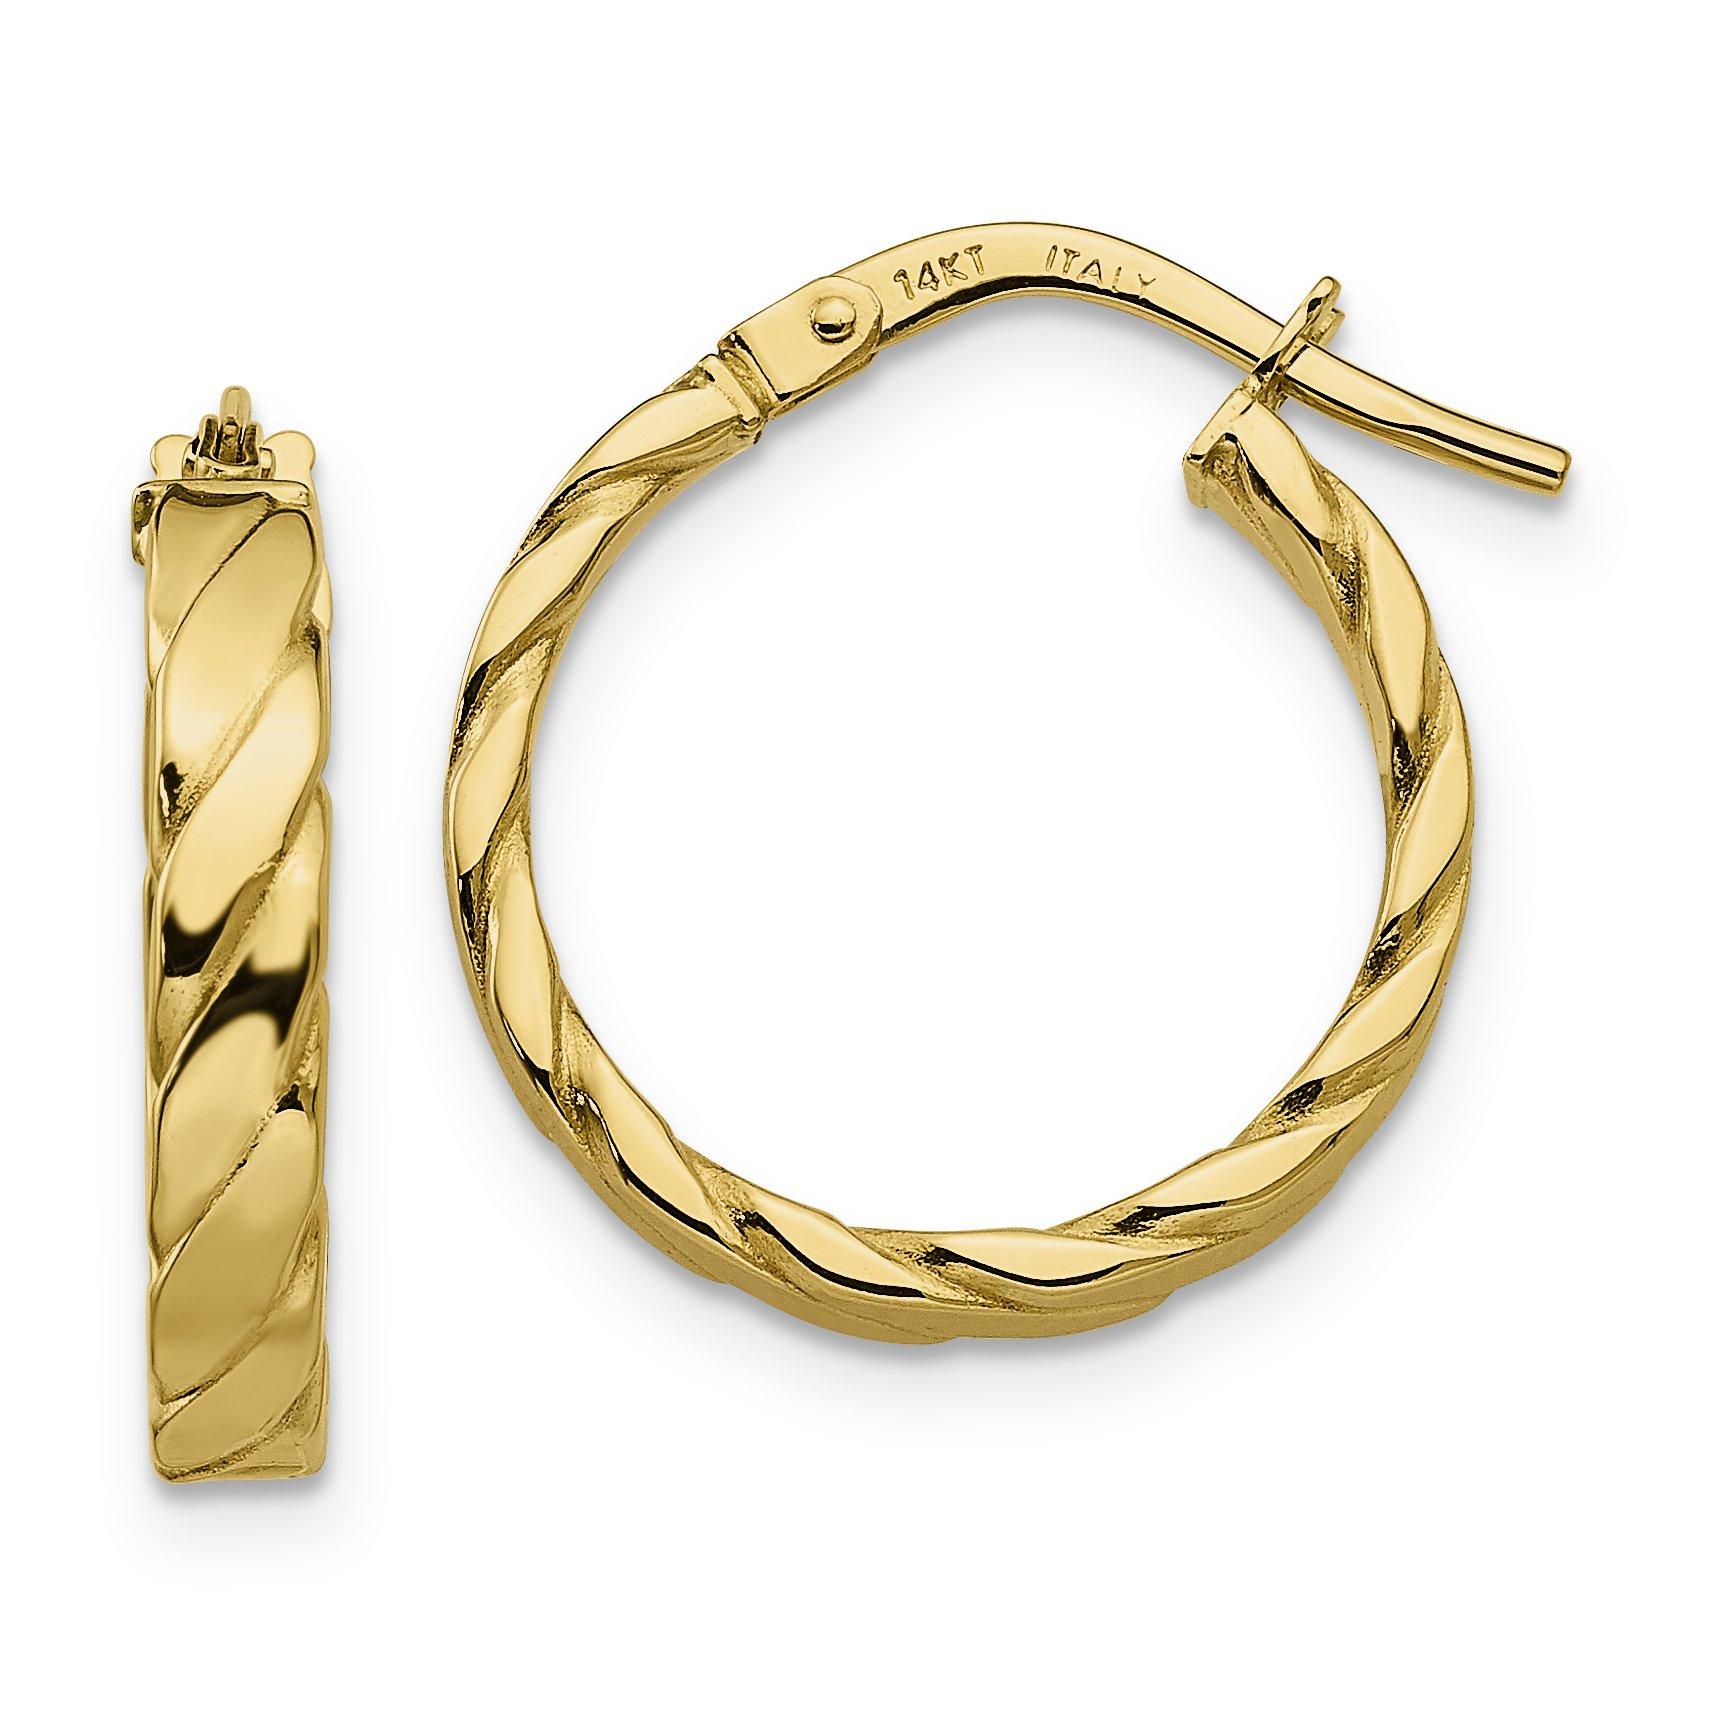 ICE CARATS 14k Yellow Gold Patterned Hoop Earrings Ear Hoops Set Fine Jewelry Gift Set For Women Heart